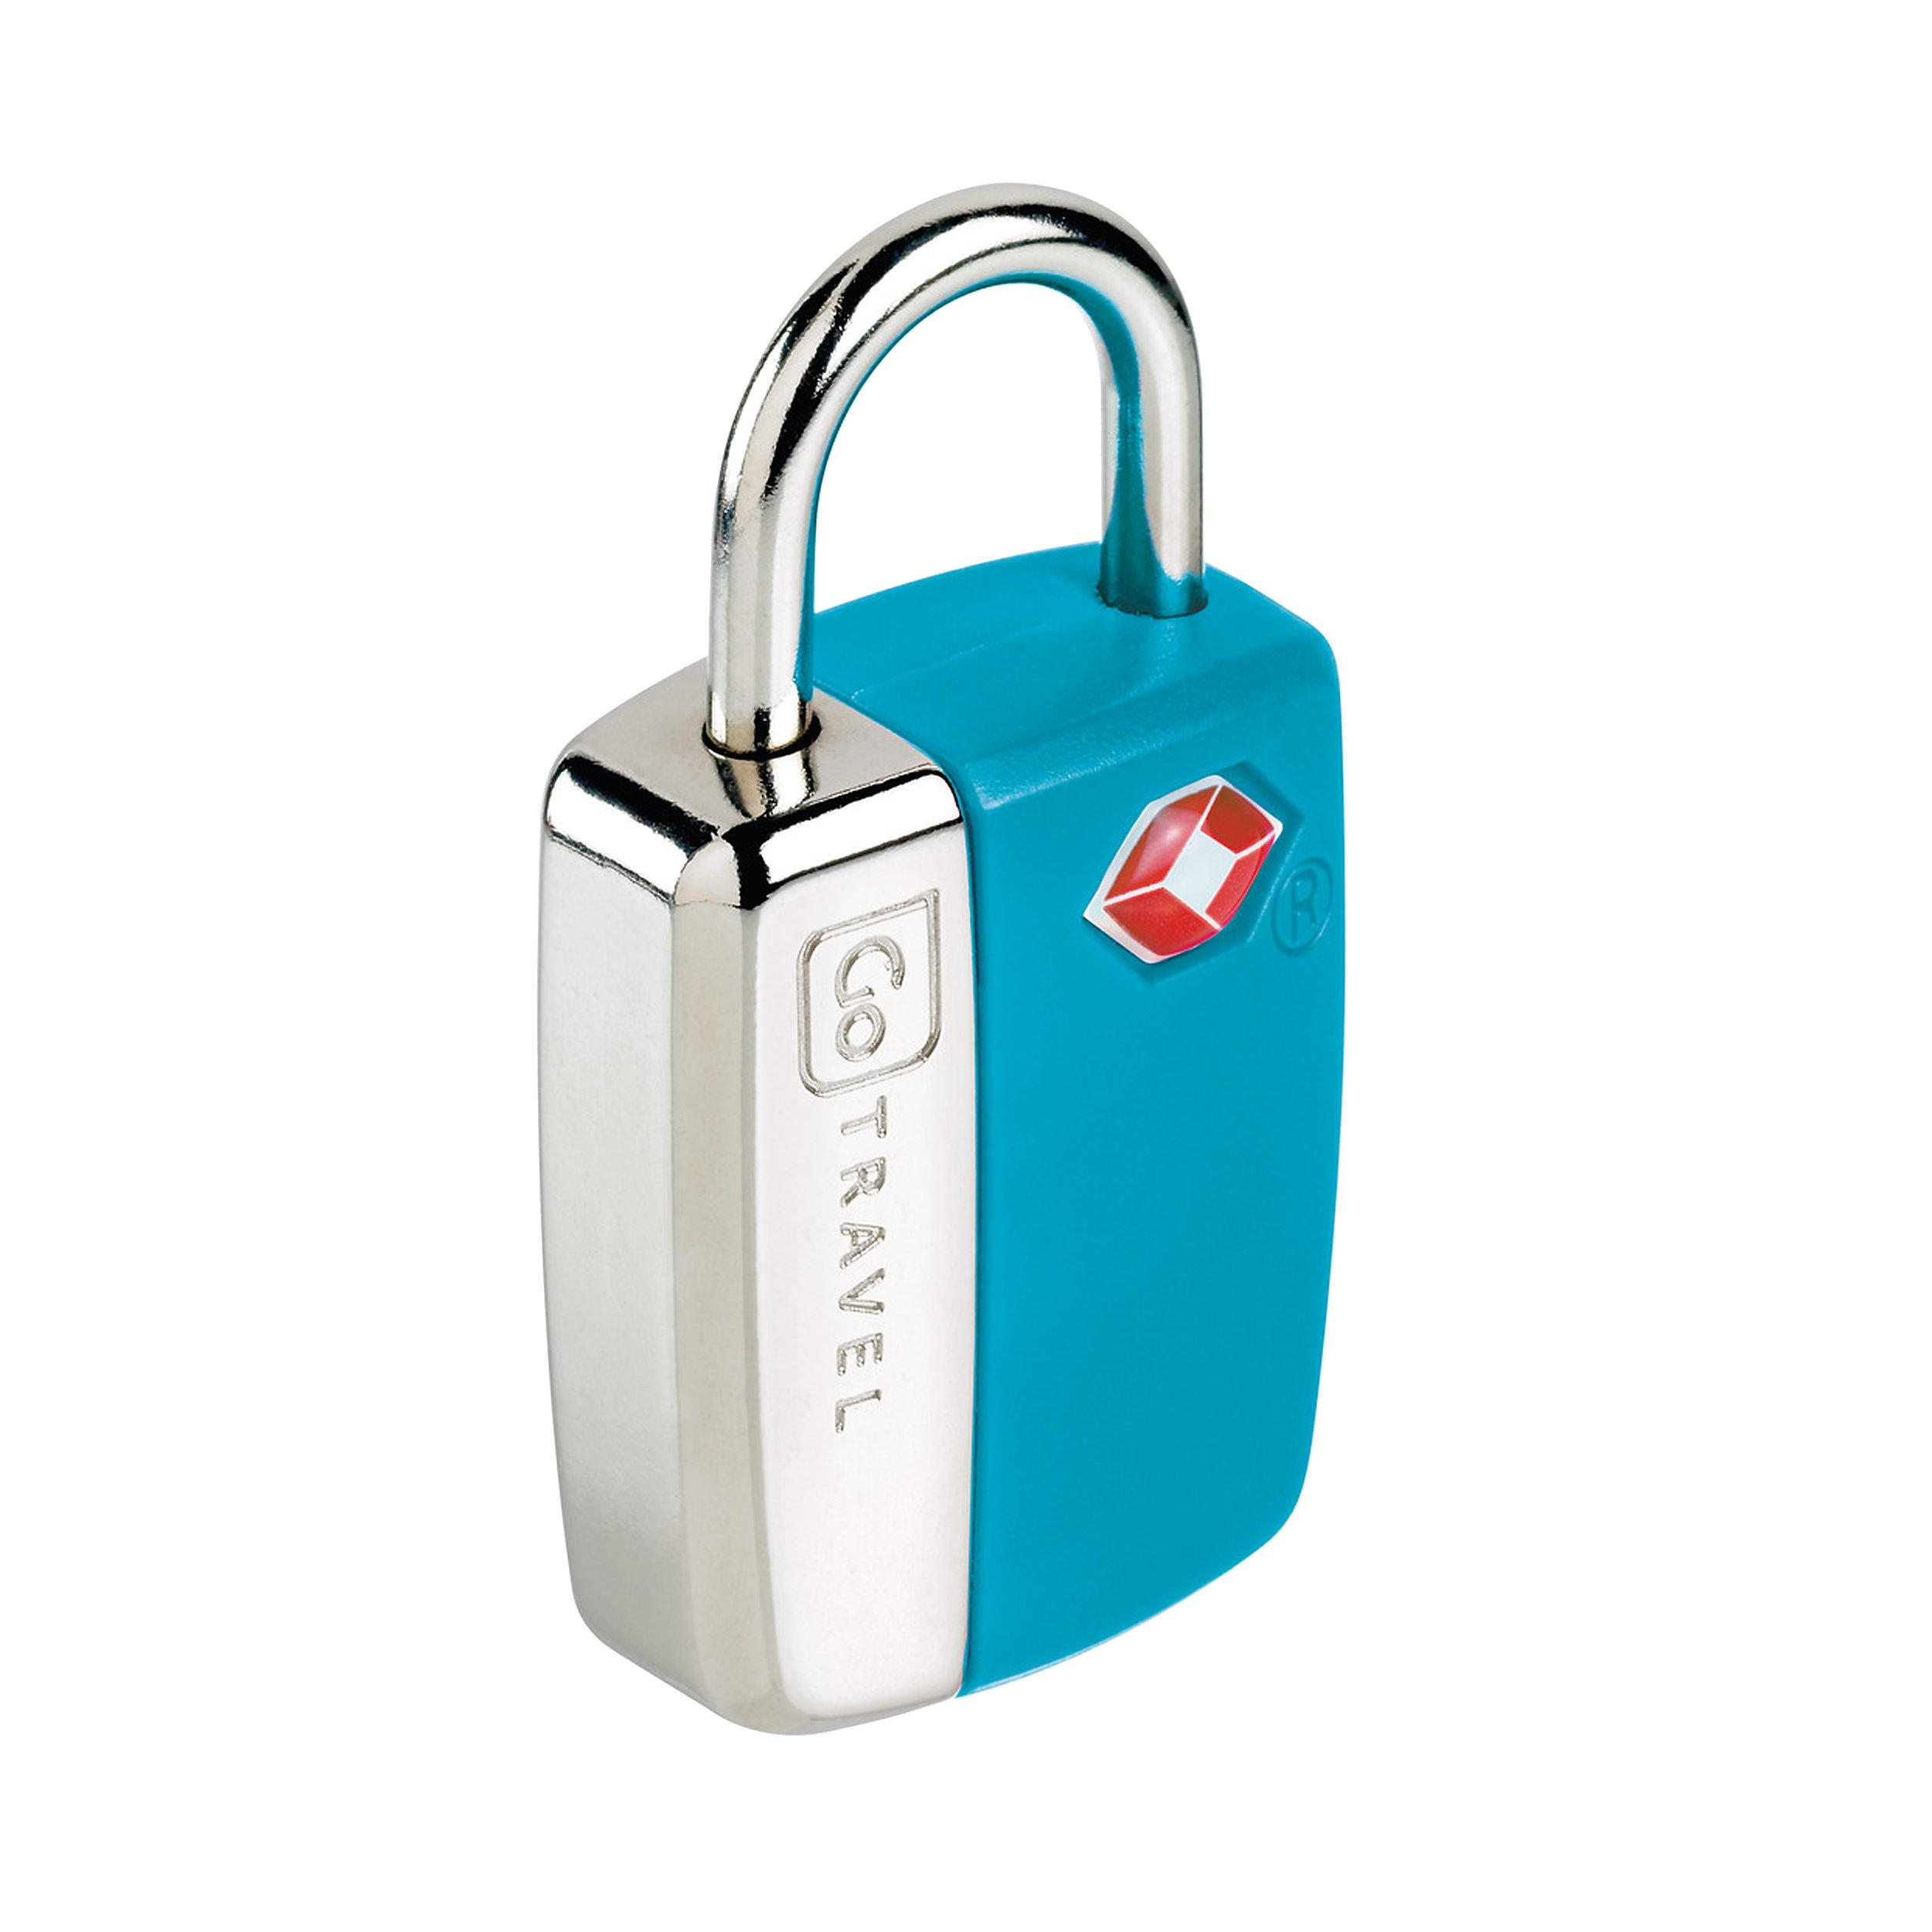 TSA Security Lock Glo Travel Sentry®